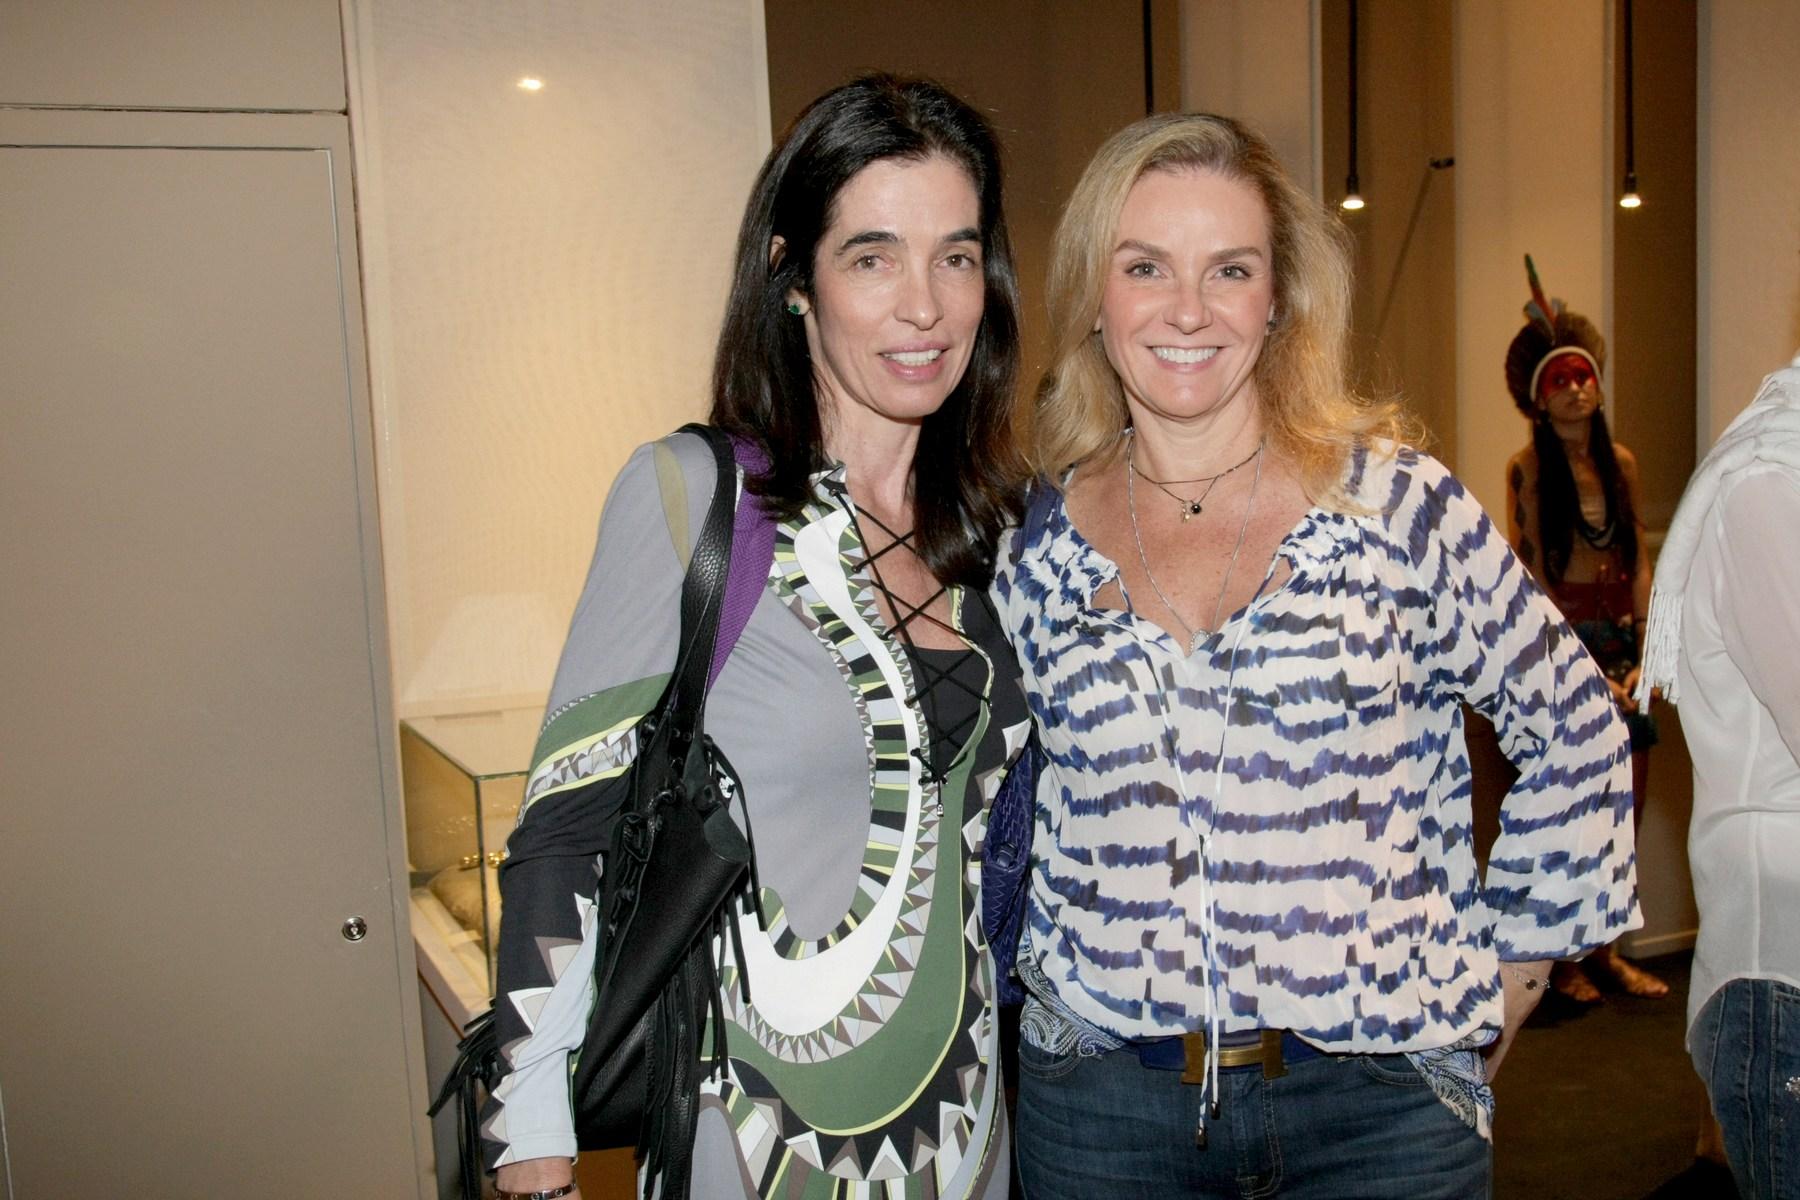 joia brasil-Rosane Nashbar e Fernanda Guelmann